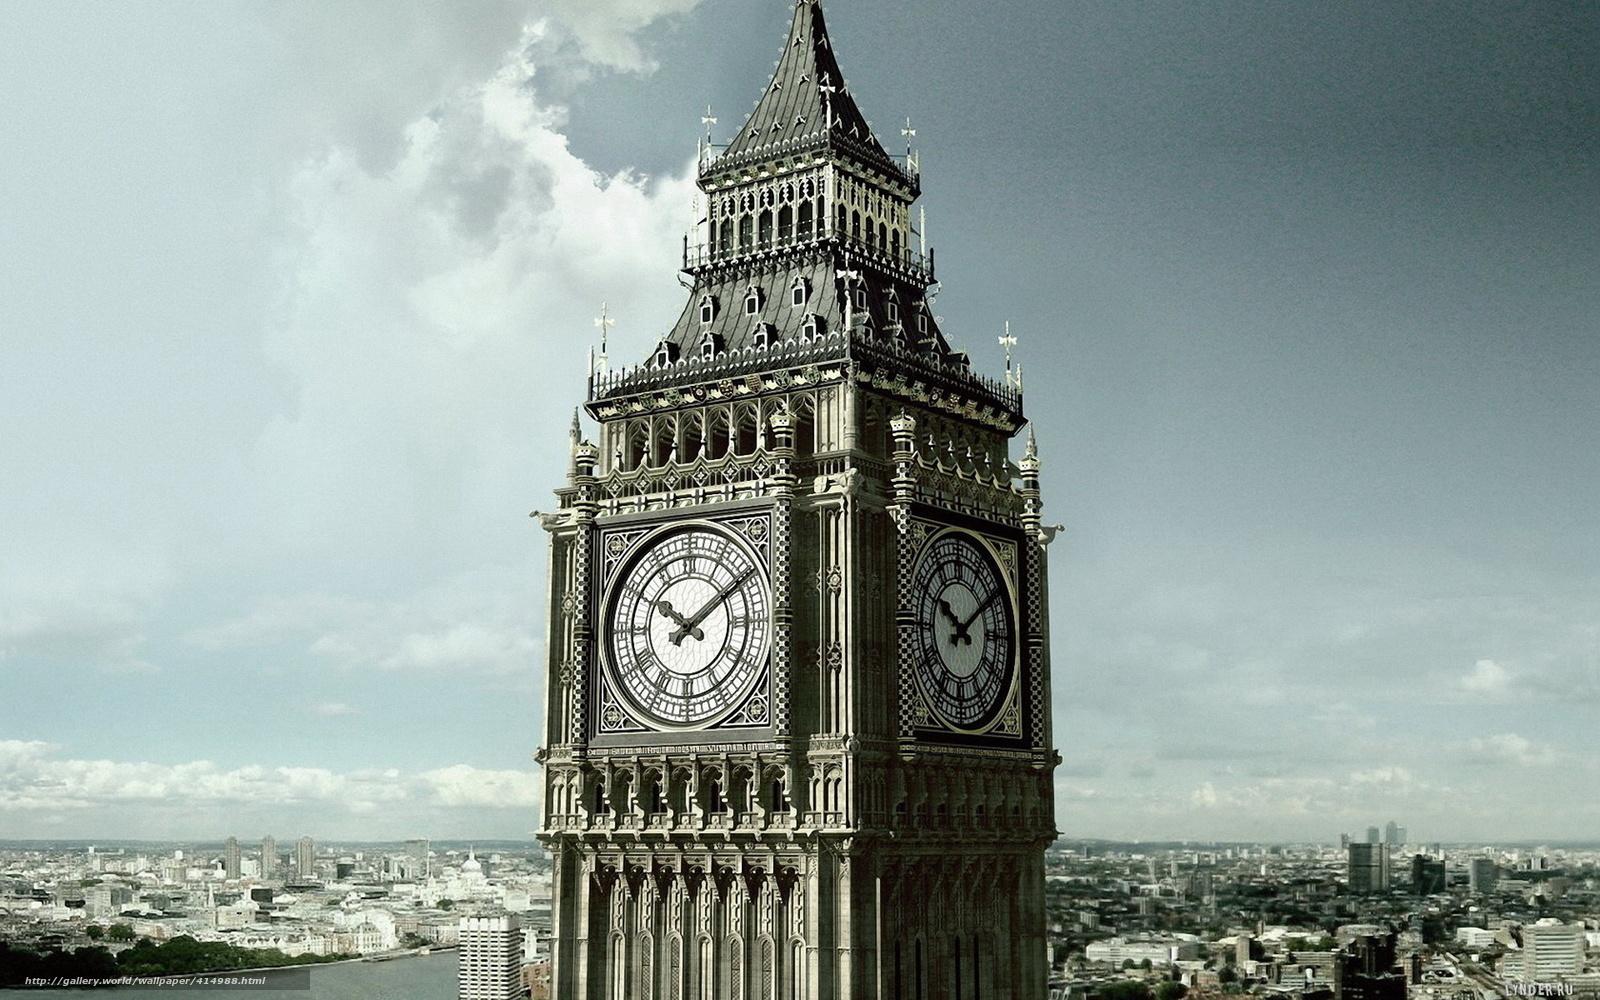 Лондон британия биг бен часы башня